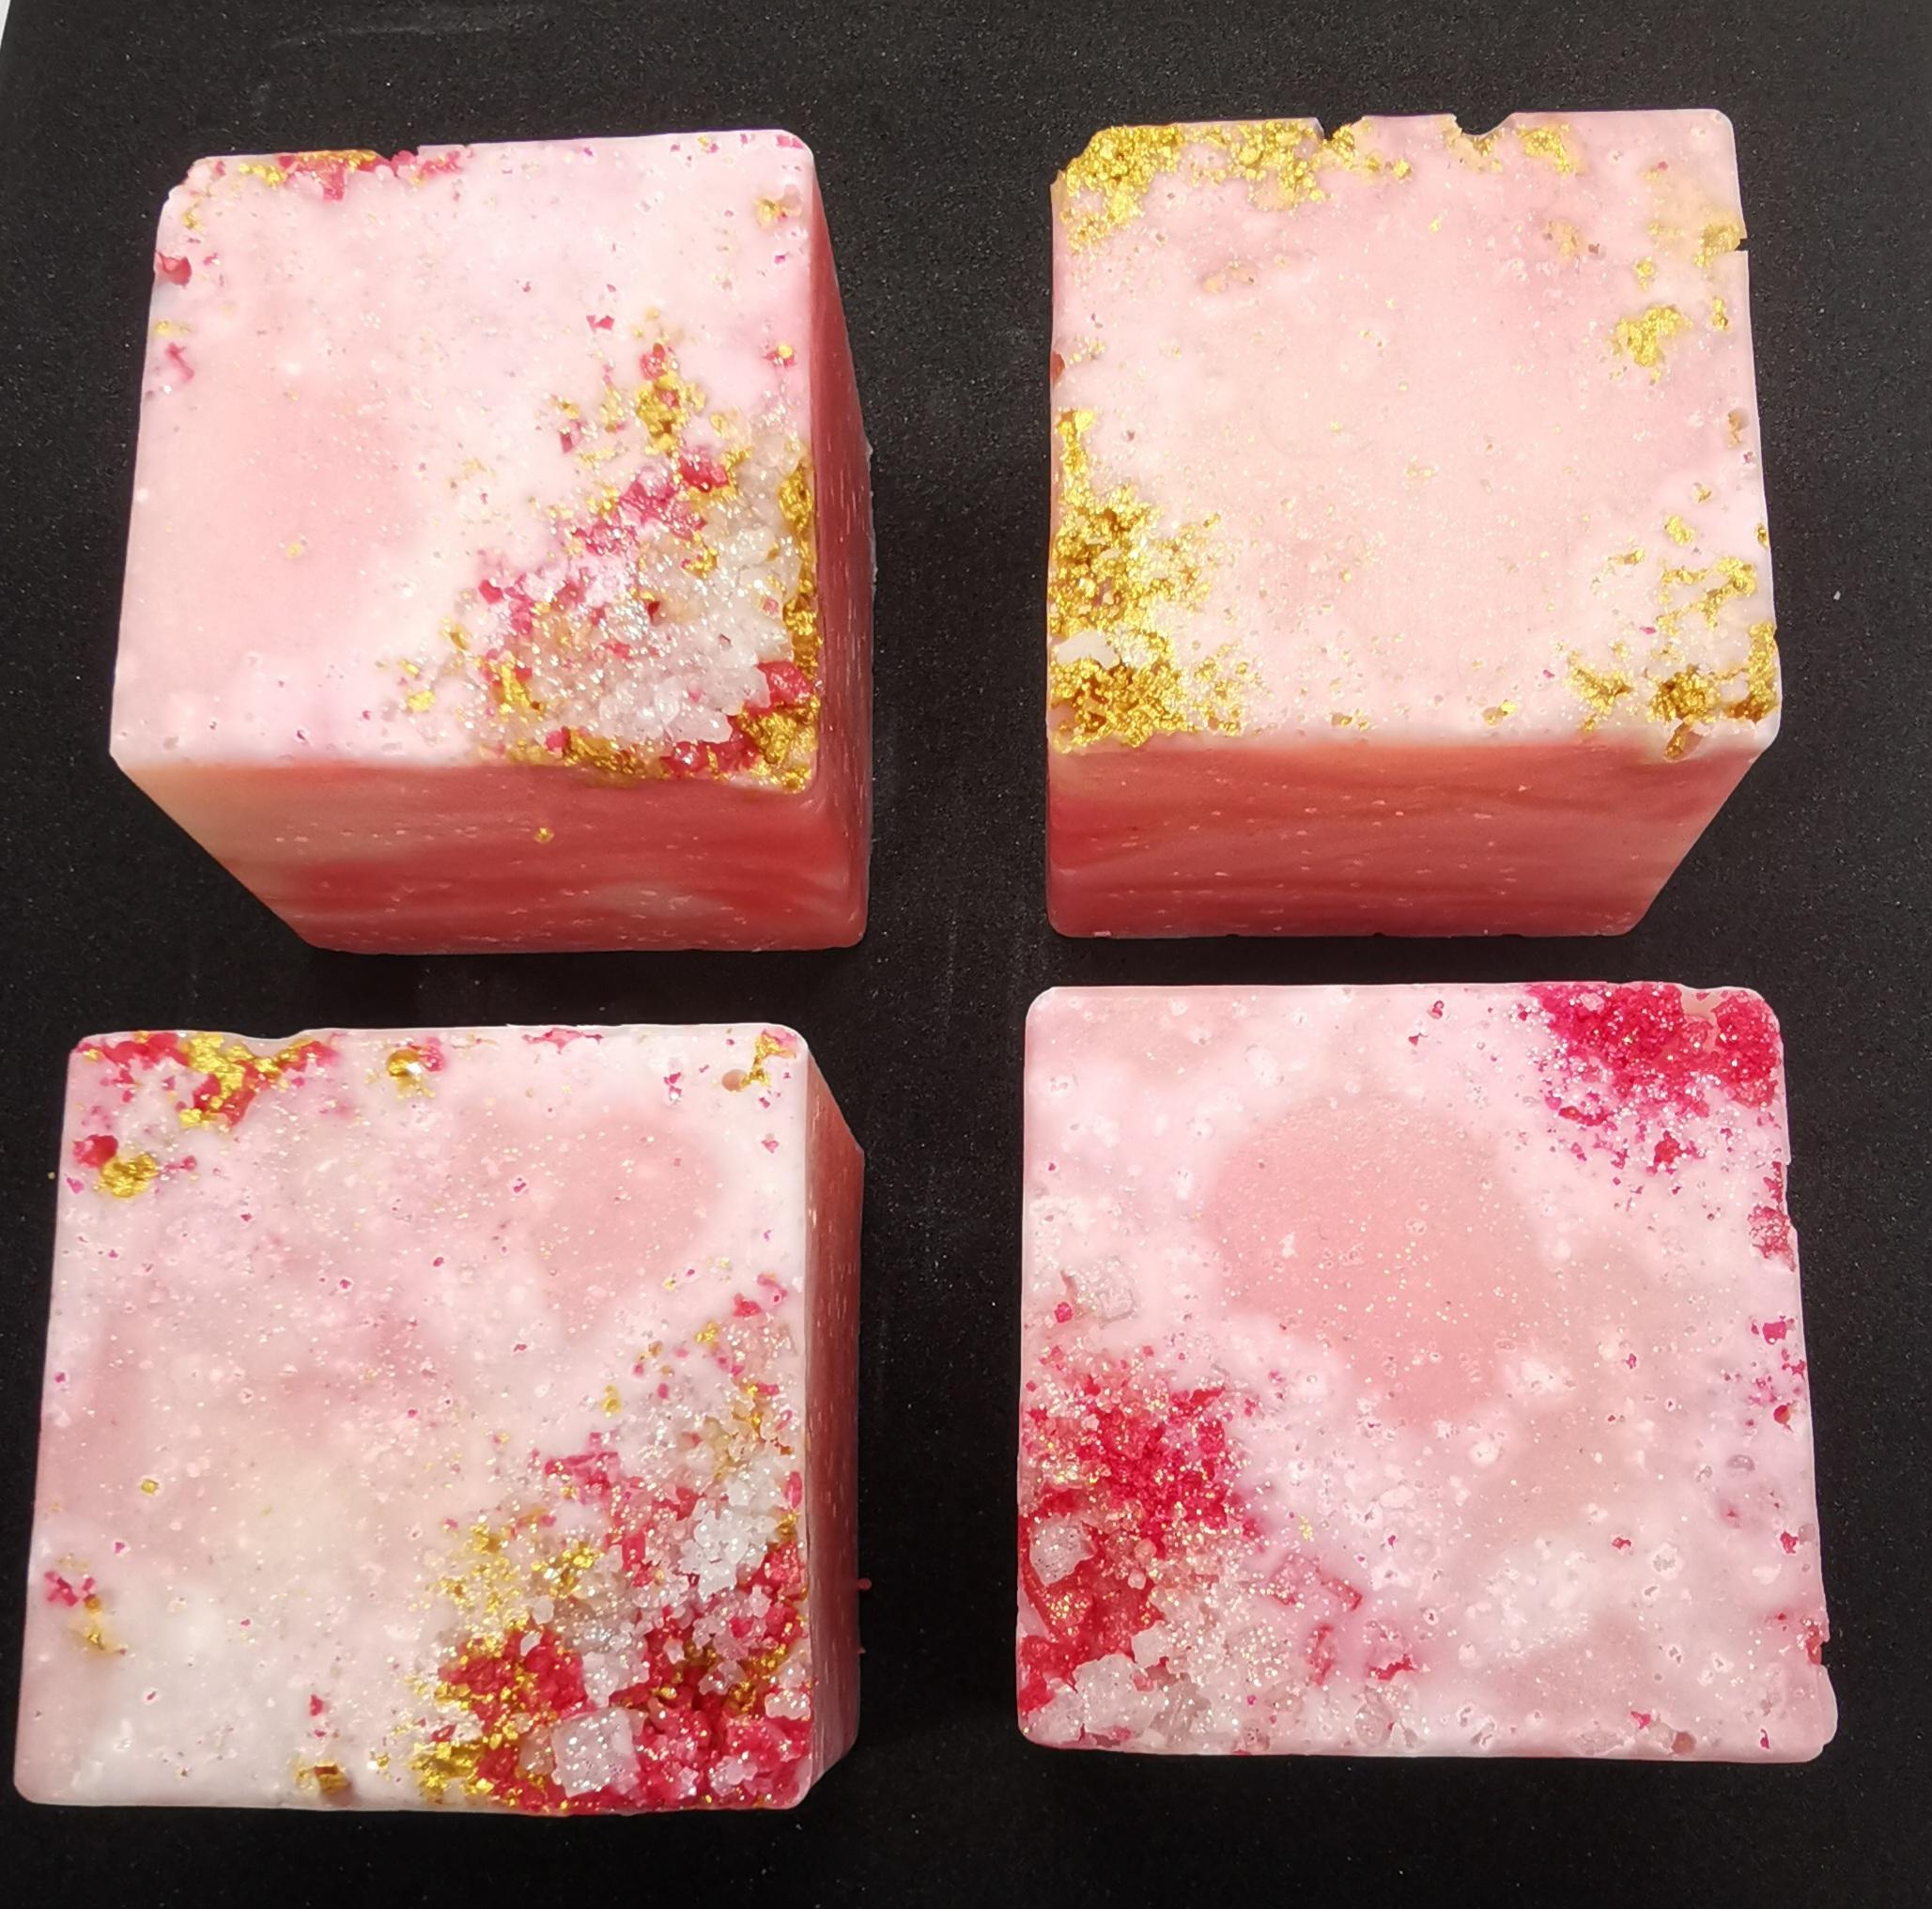 rose quartz and salt crystals